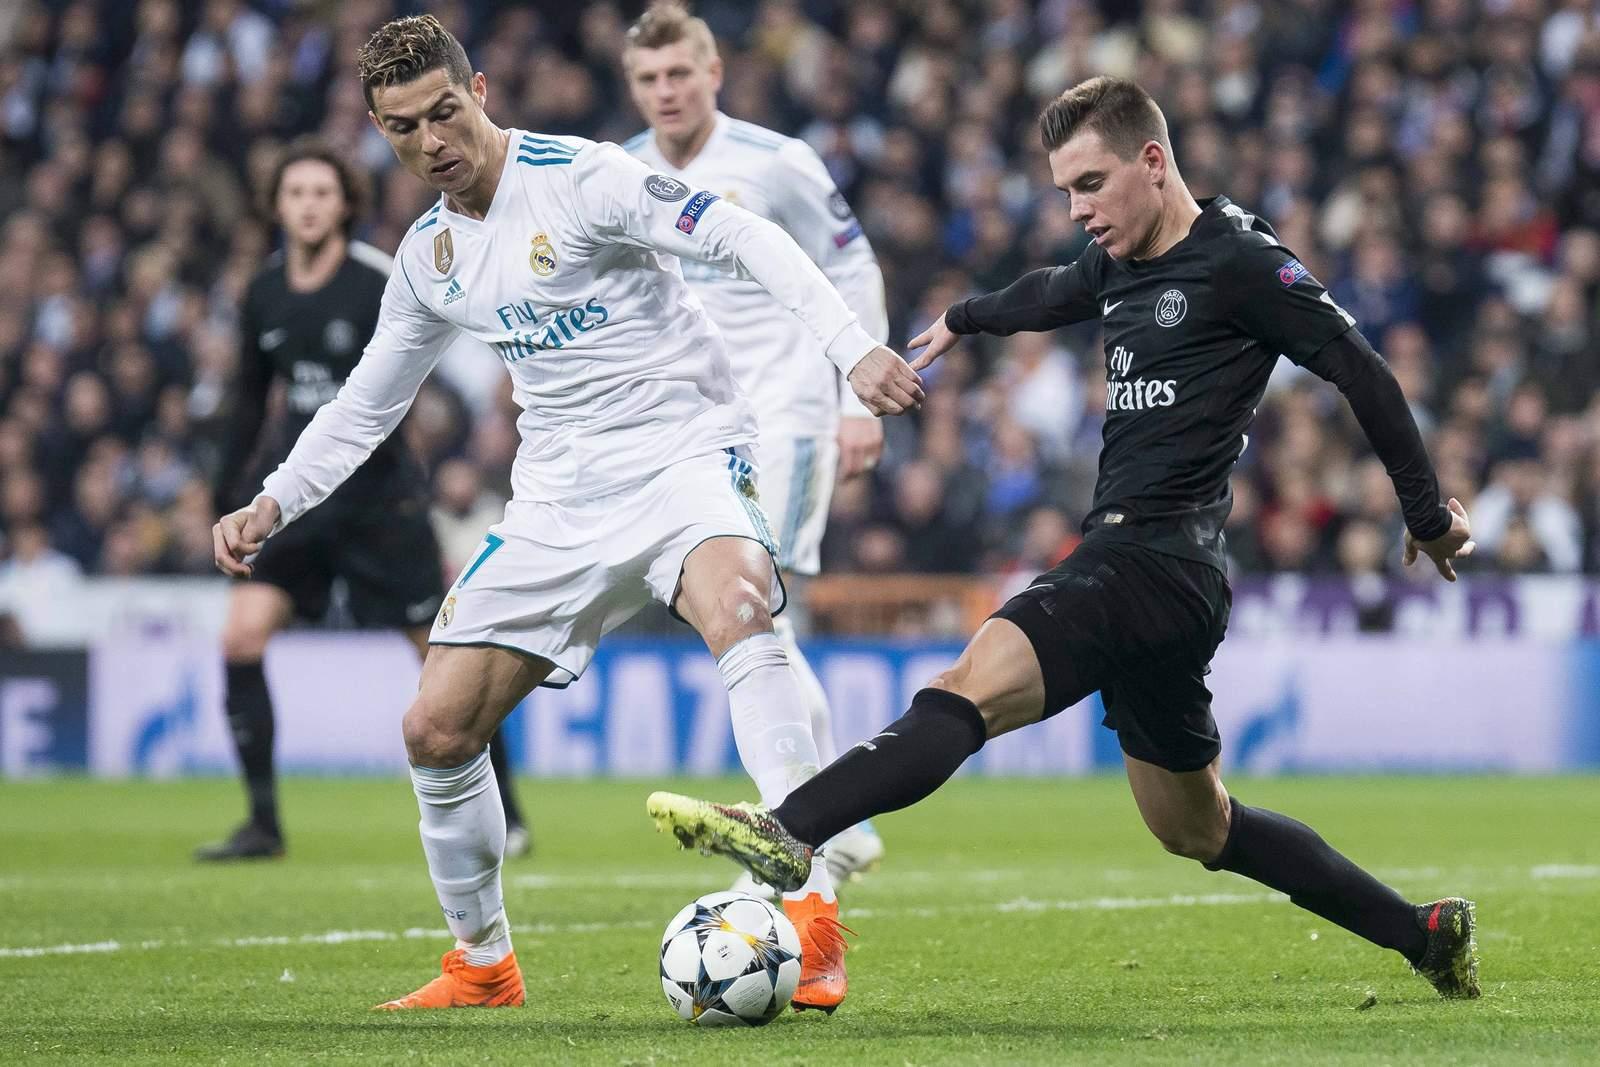 Setzt sich Ronaldo wieder gegen Lo Celso durch? Unser Tipp: PSG gewinnt gegen Real